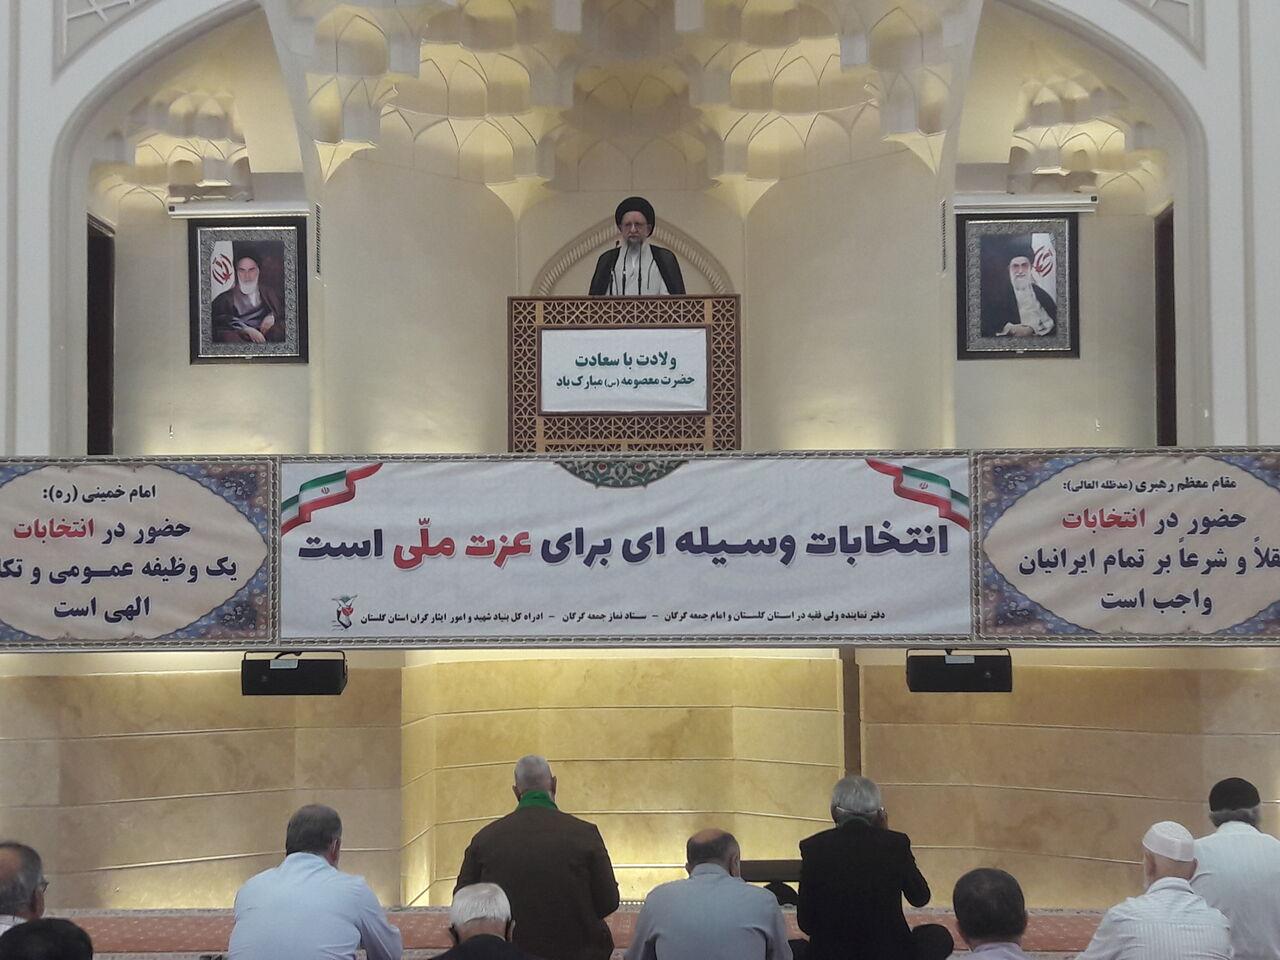 امام جمعه گرگان: مردم ایران به خاطر مشکلات، انقلاب را رها نمیکنند